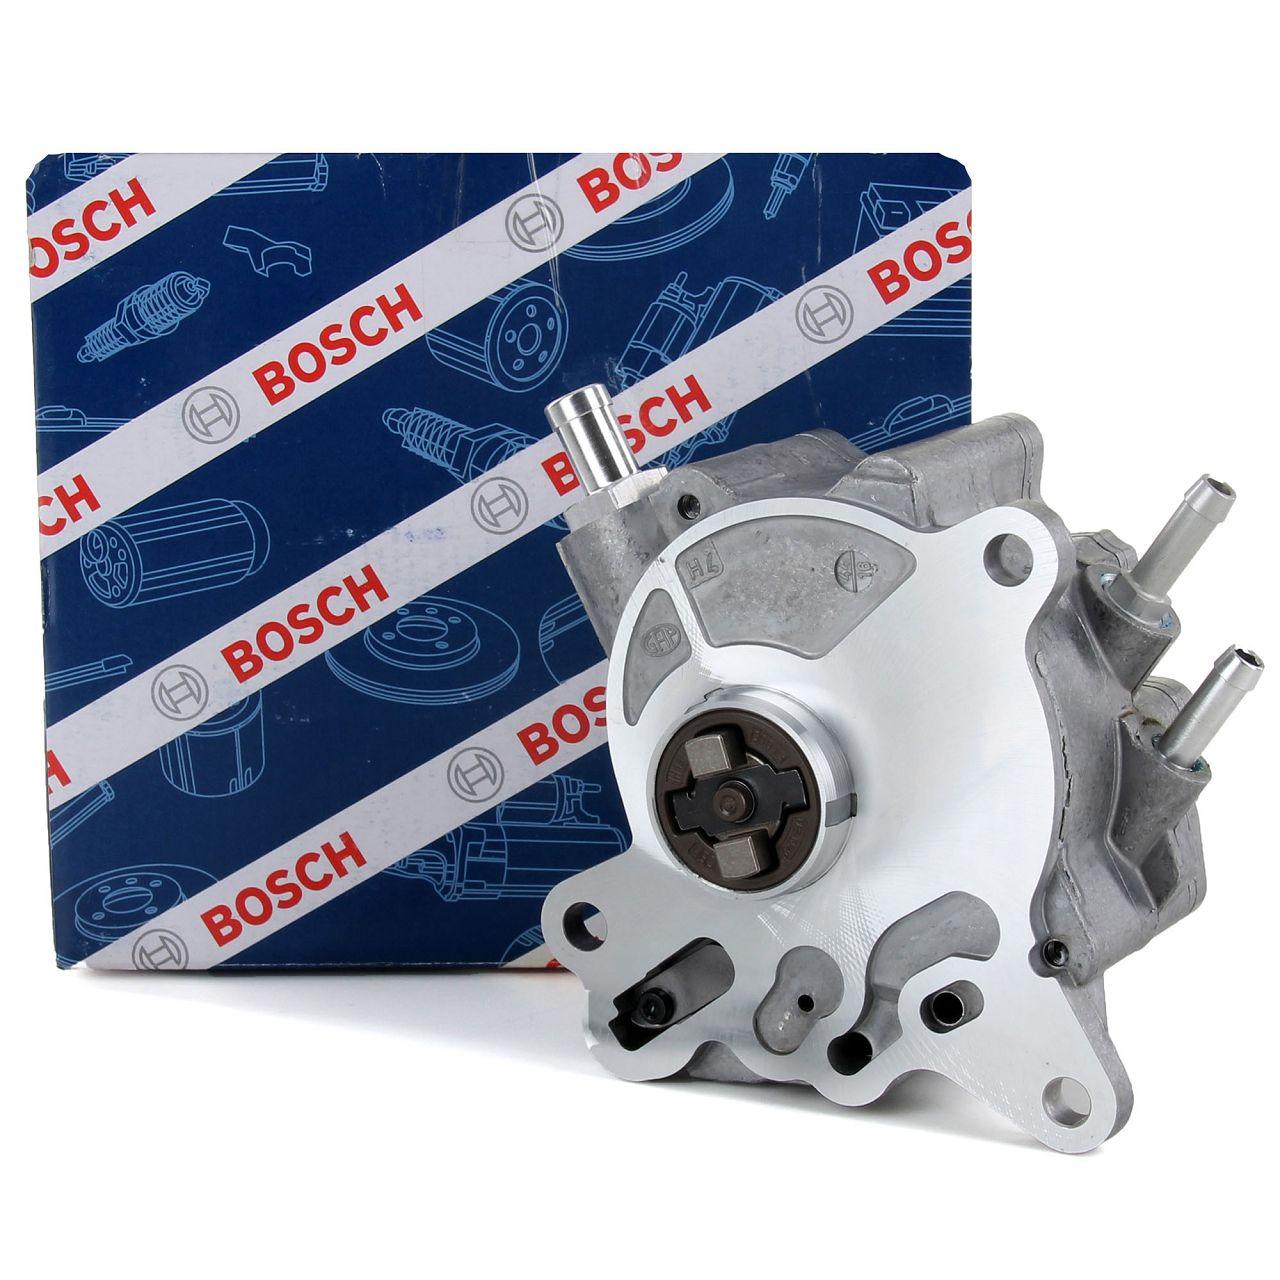 BOSCH Unterdruckpumpe Vakuumpumpe für AUDI A3 A4 A6 GOLF V PASSAT TOURAN 2.0TDI